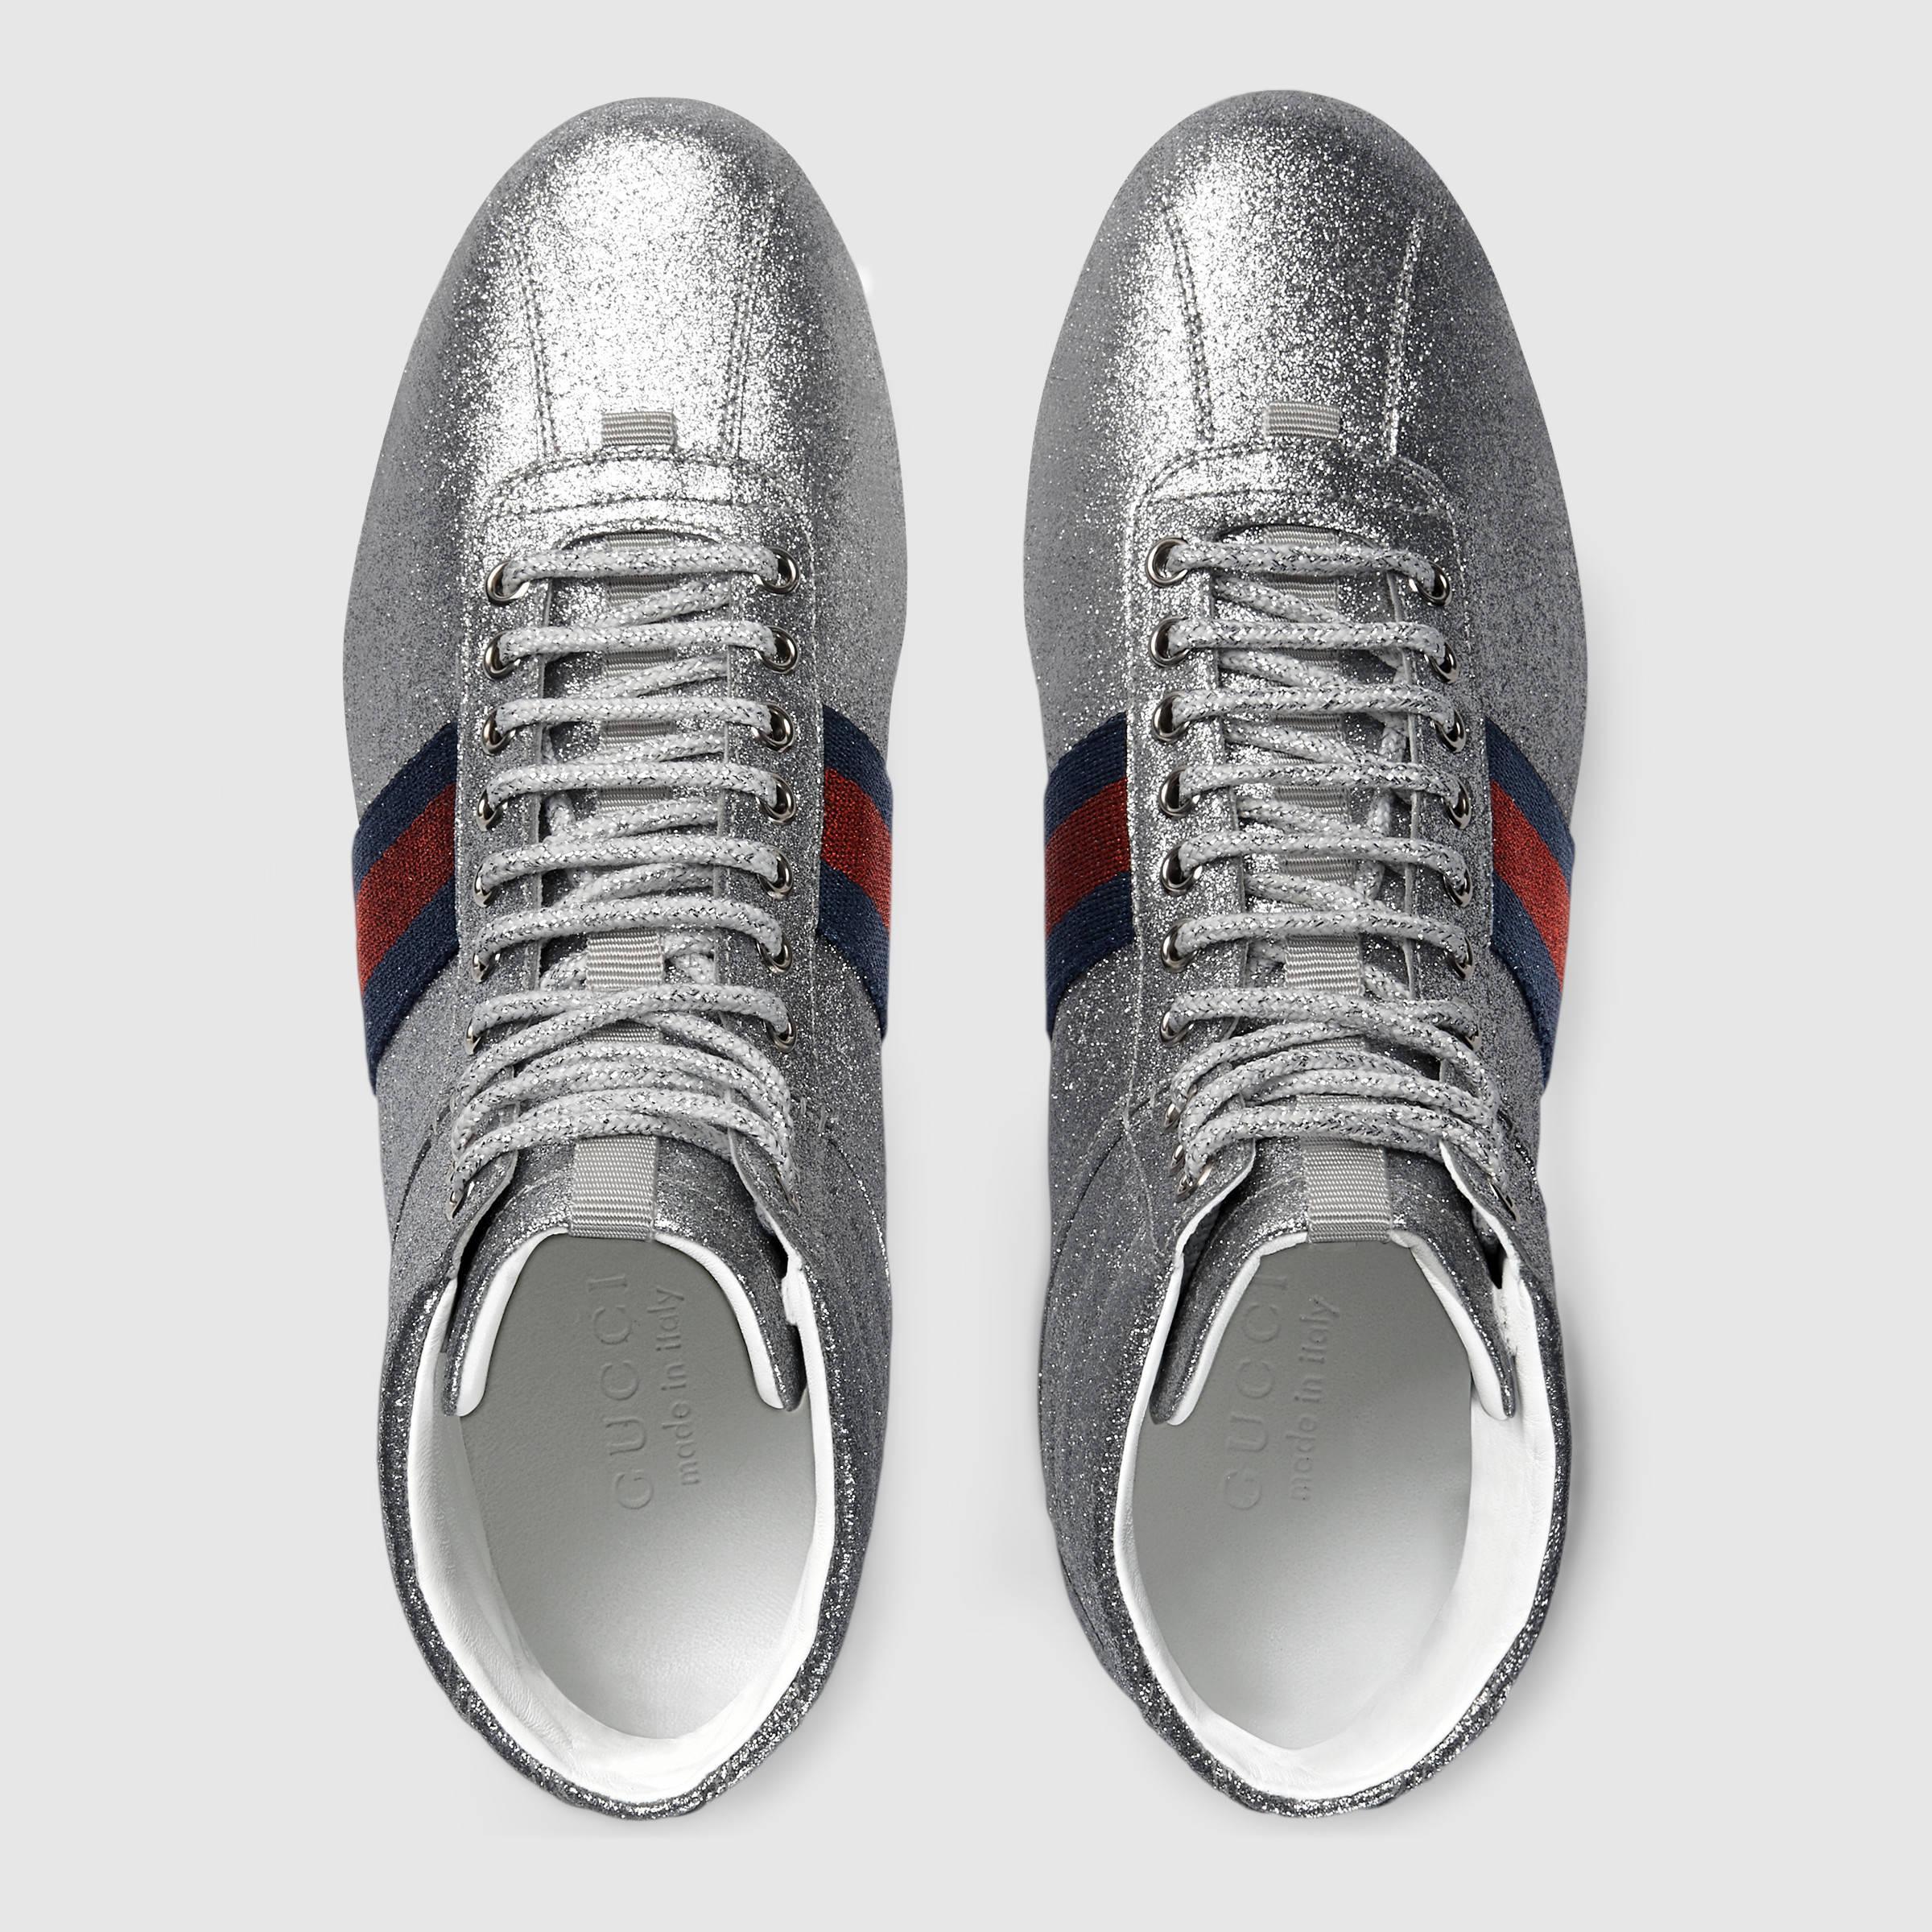 9edd30ebbe2 Lyst - Gucci Glitter Web High-top Sneaker in Metallic for Men